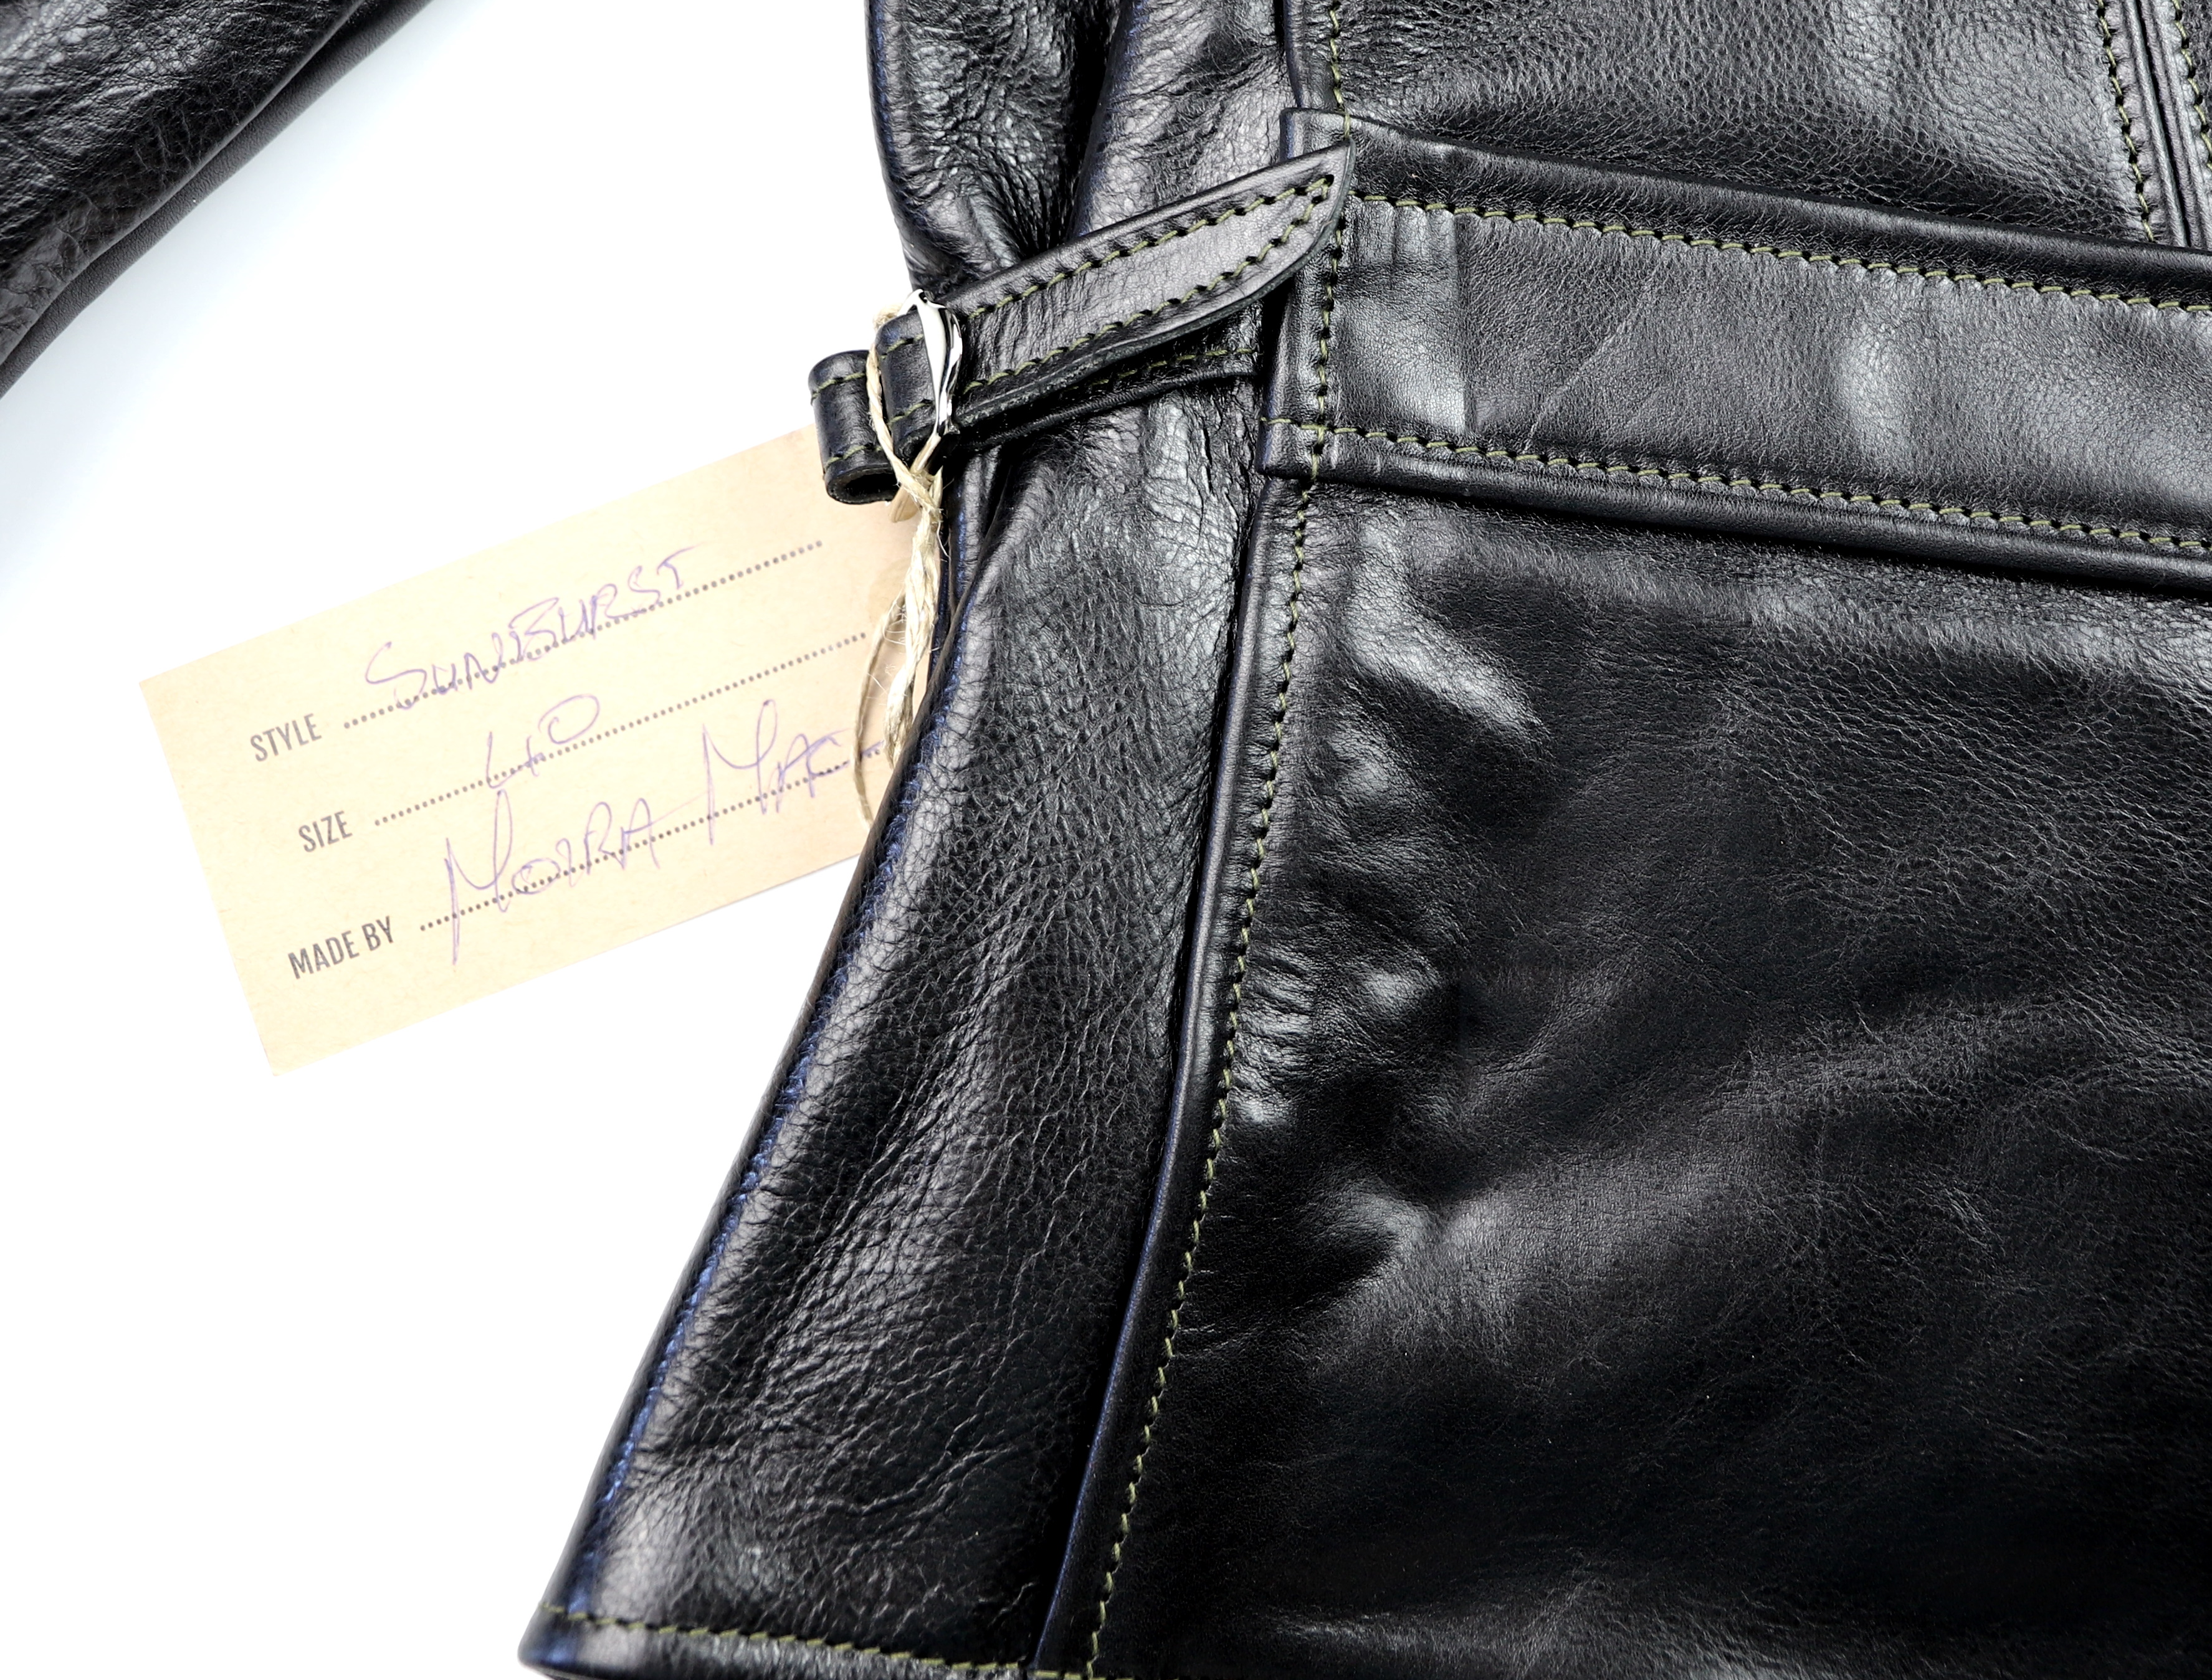 Aero Sunburst Black Badalassi Cowhide name tag.jpg